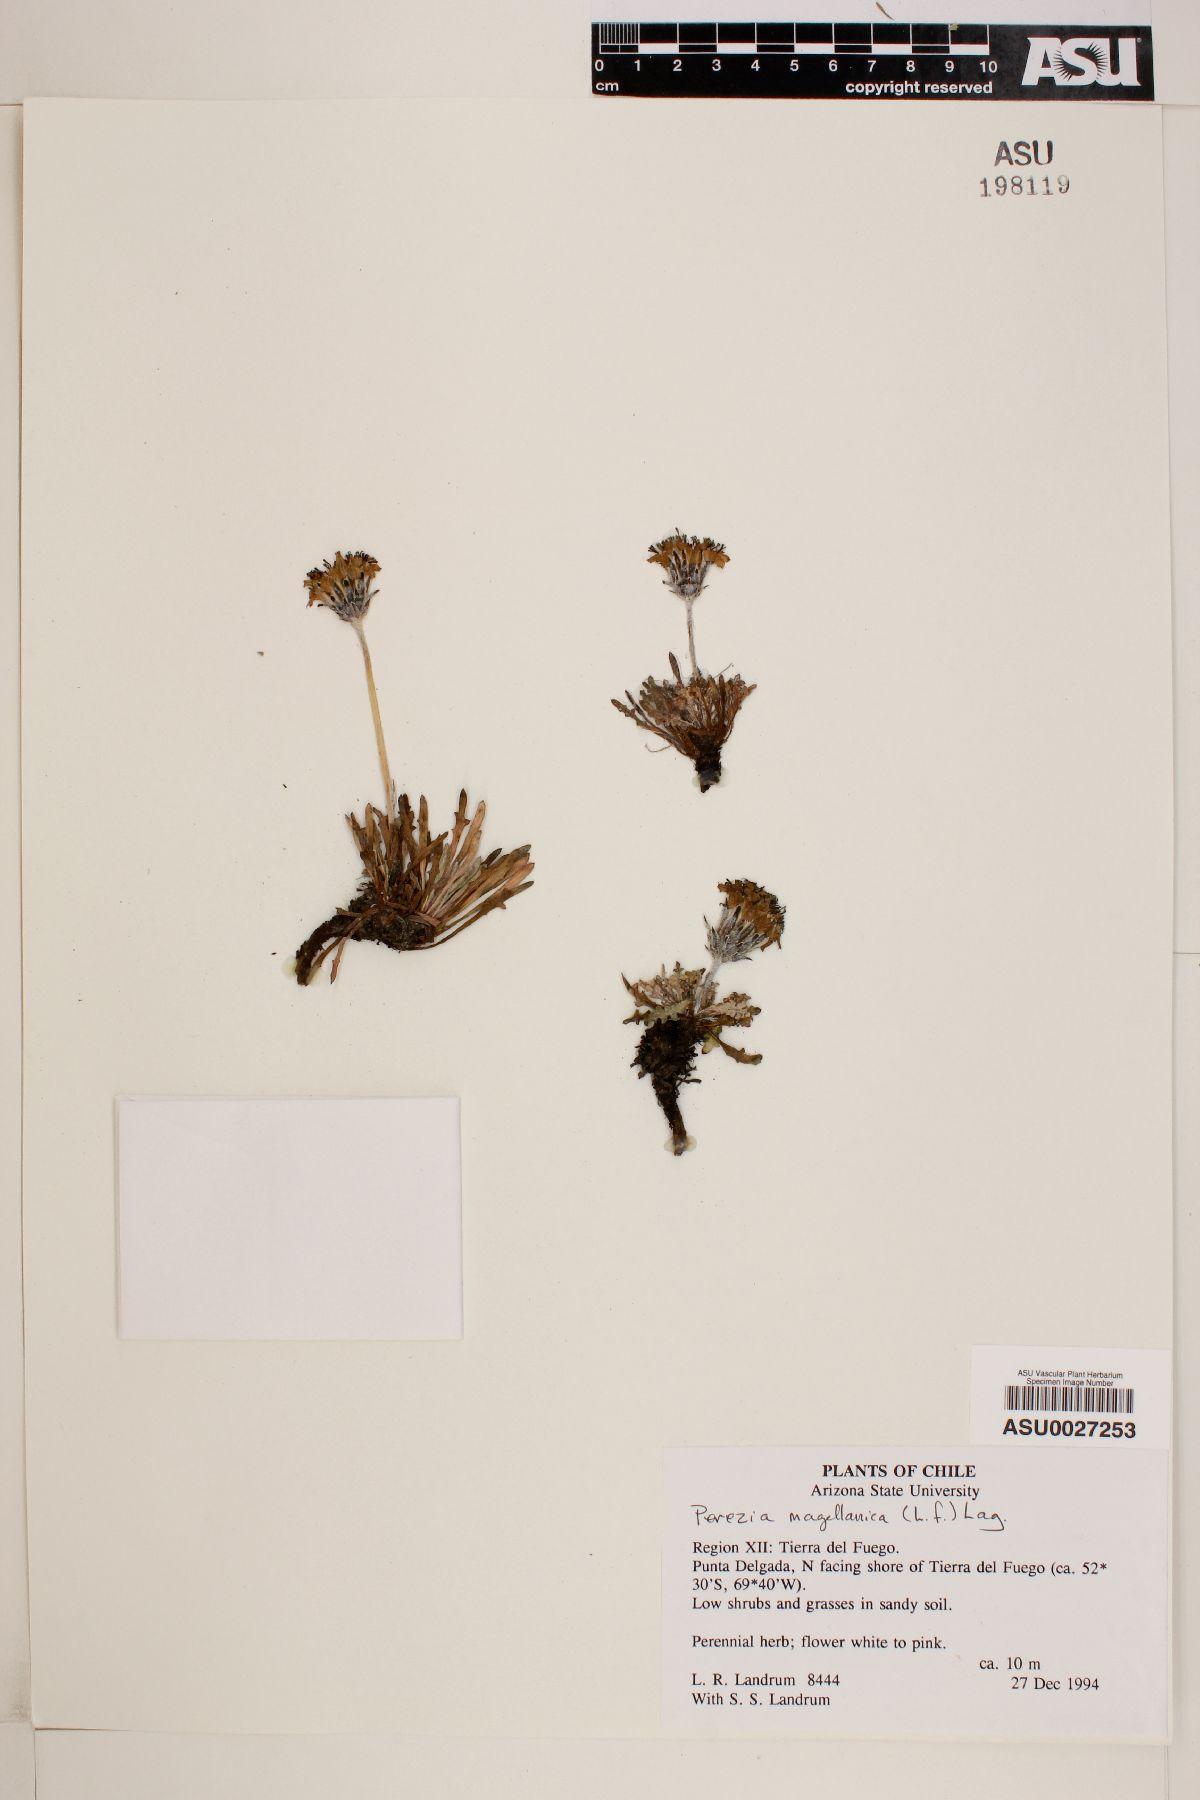 Perezia magellanica image